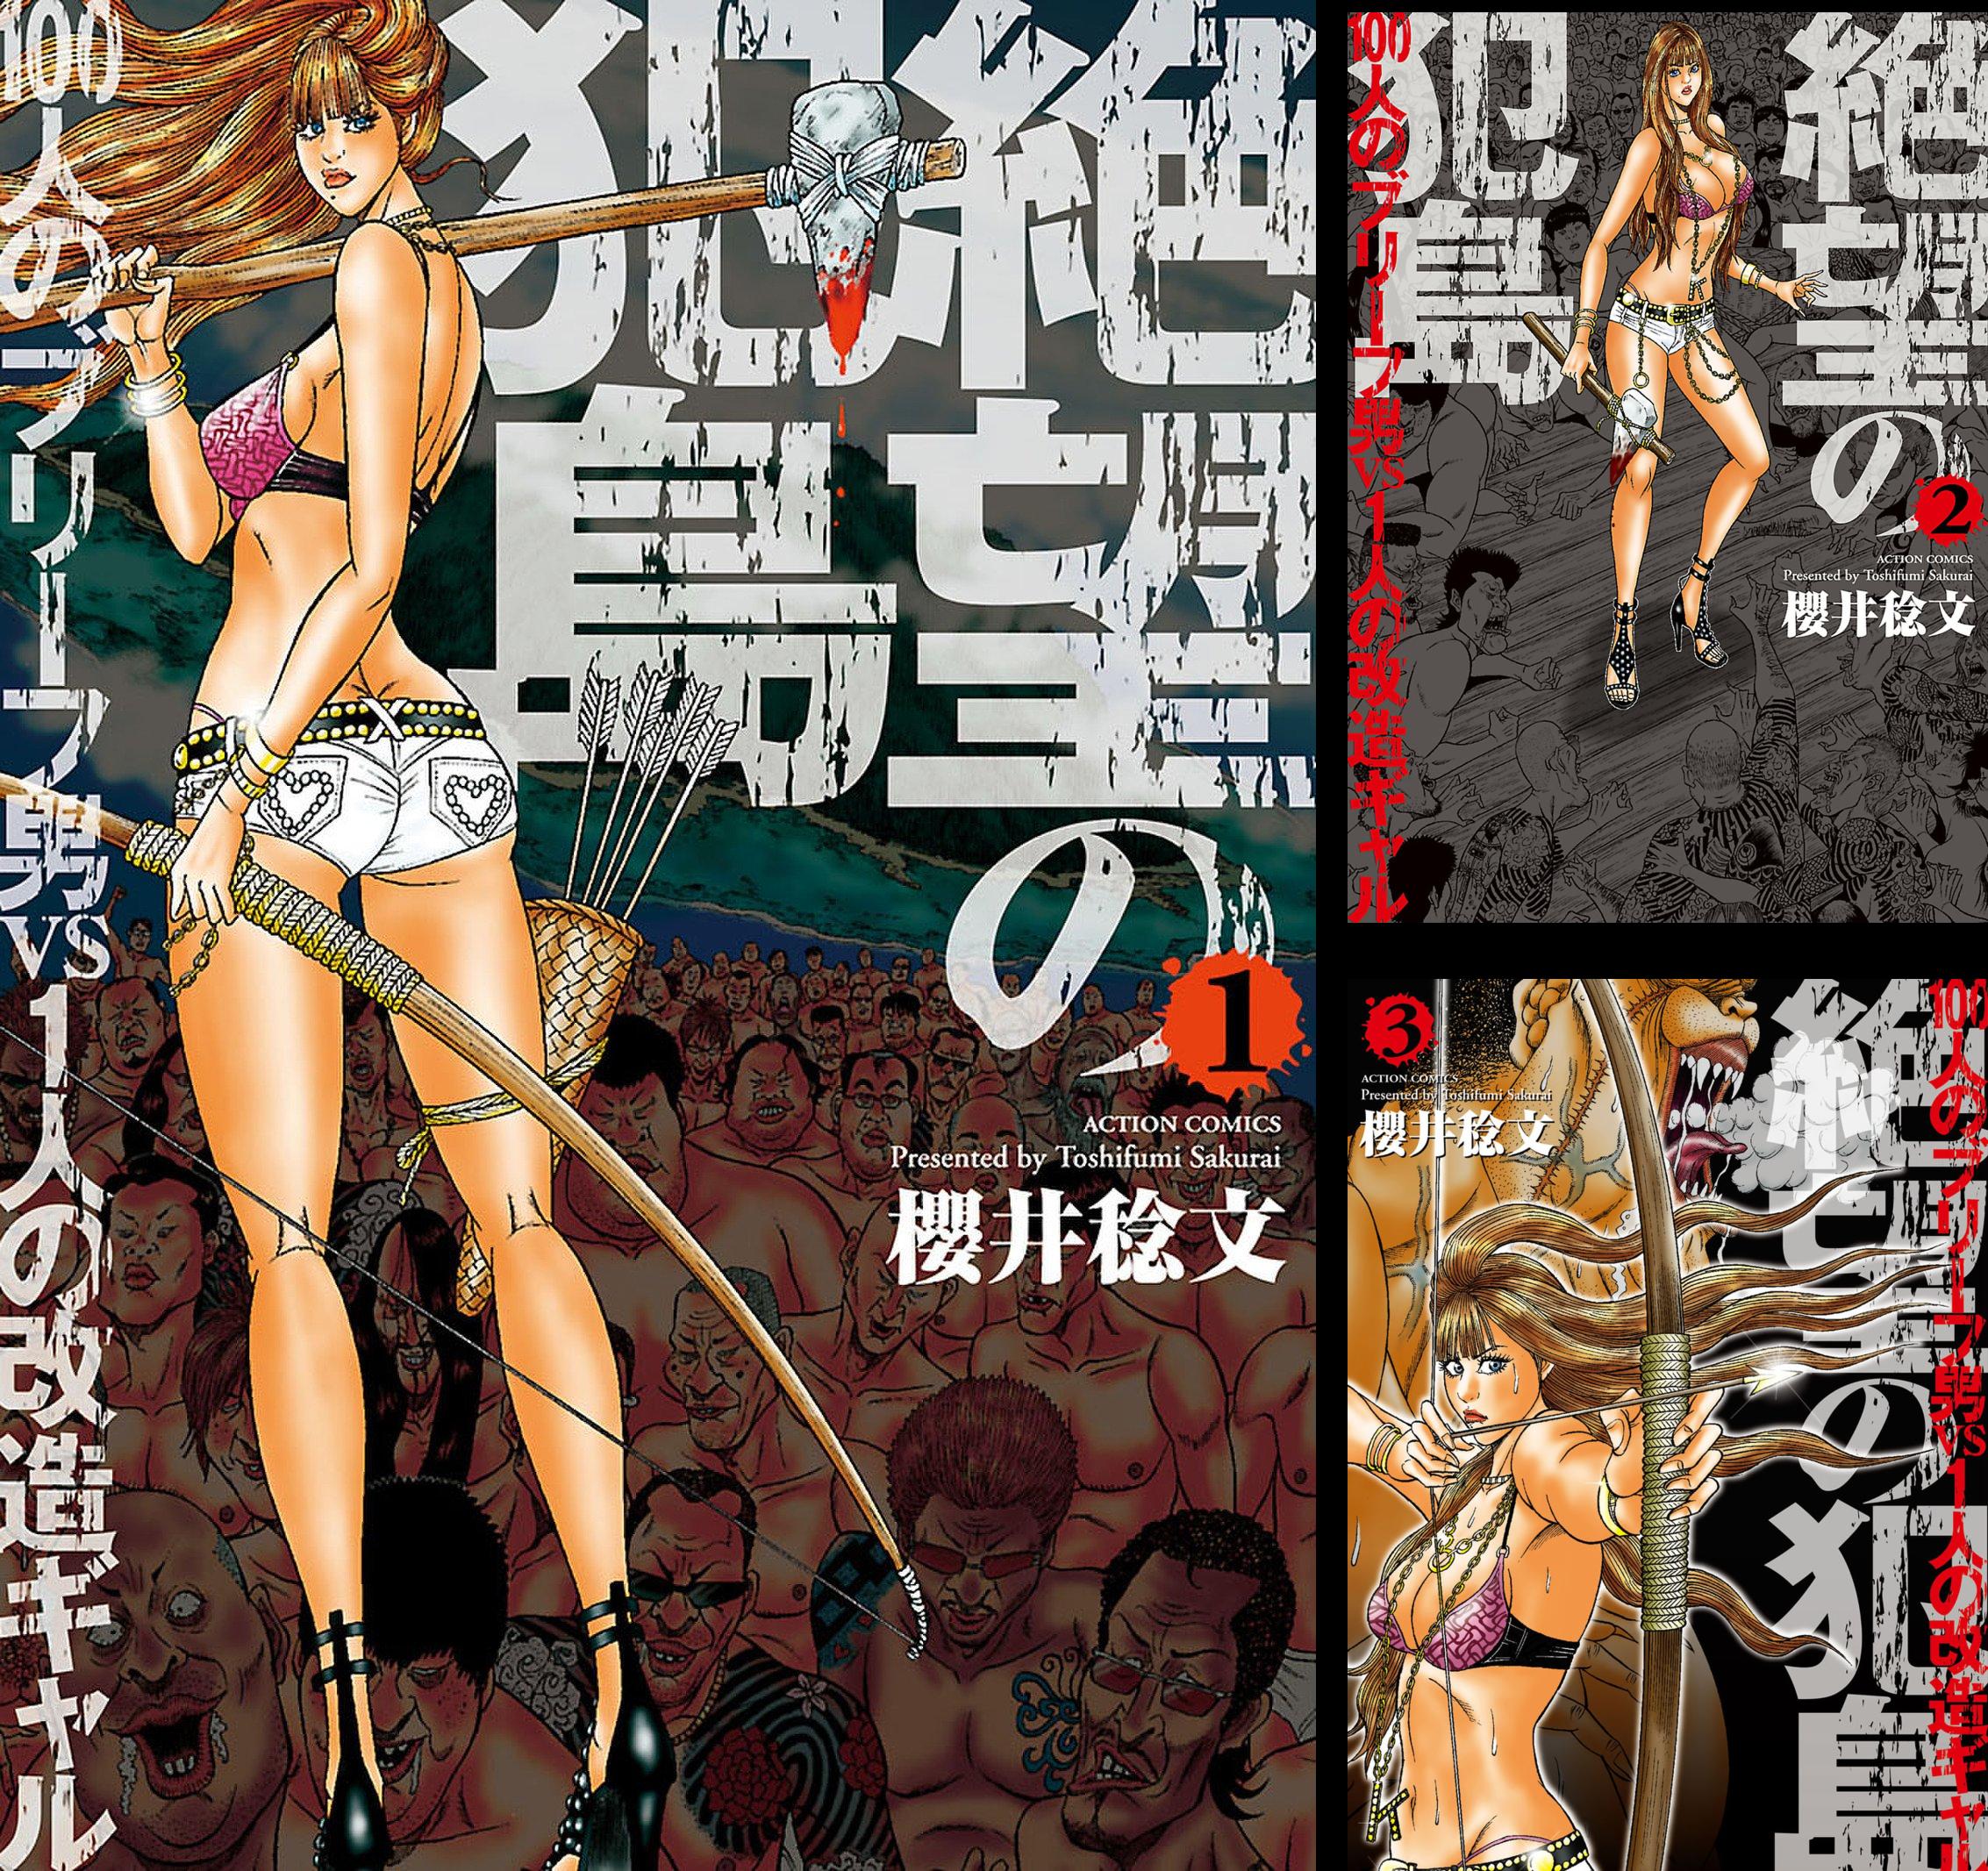 [まとめ買い] 絶望の犯島-100人のブリーフ男vs1人の改造ギャル(アクションコミックス)